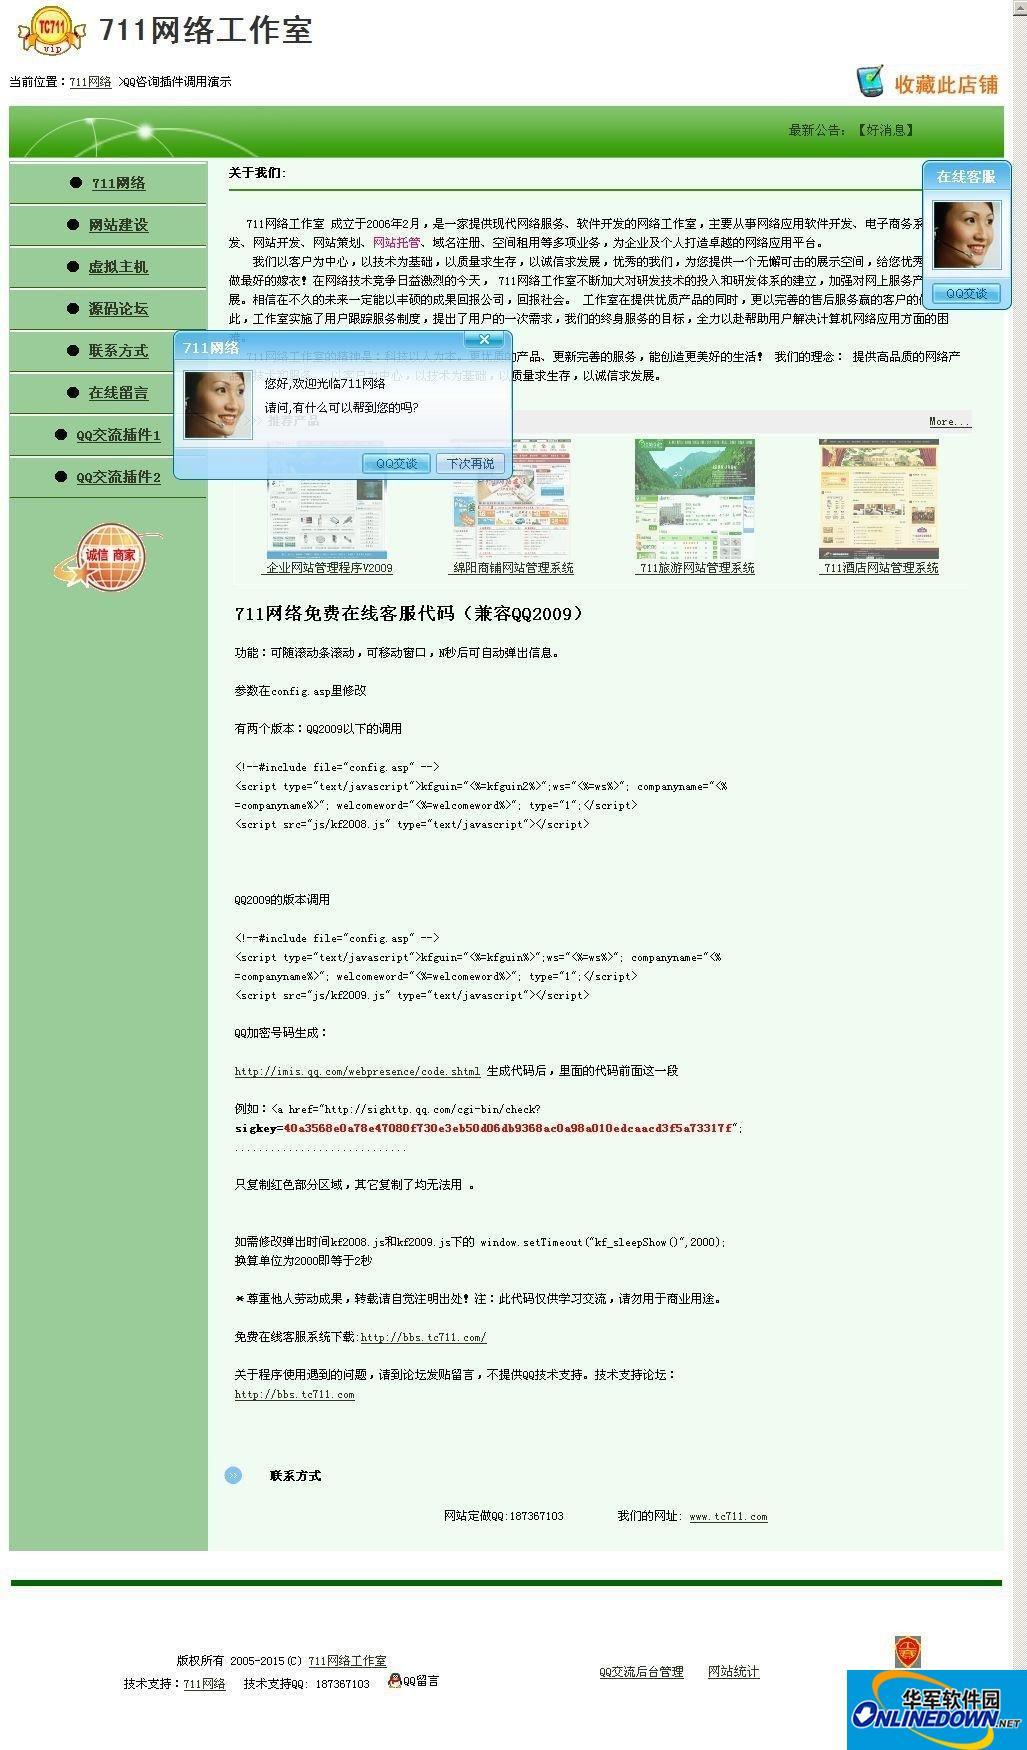 711网络QQ在线咨询插件